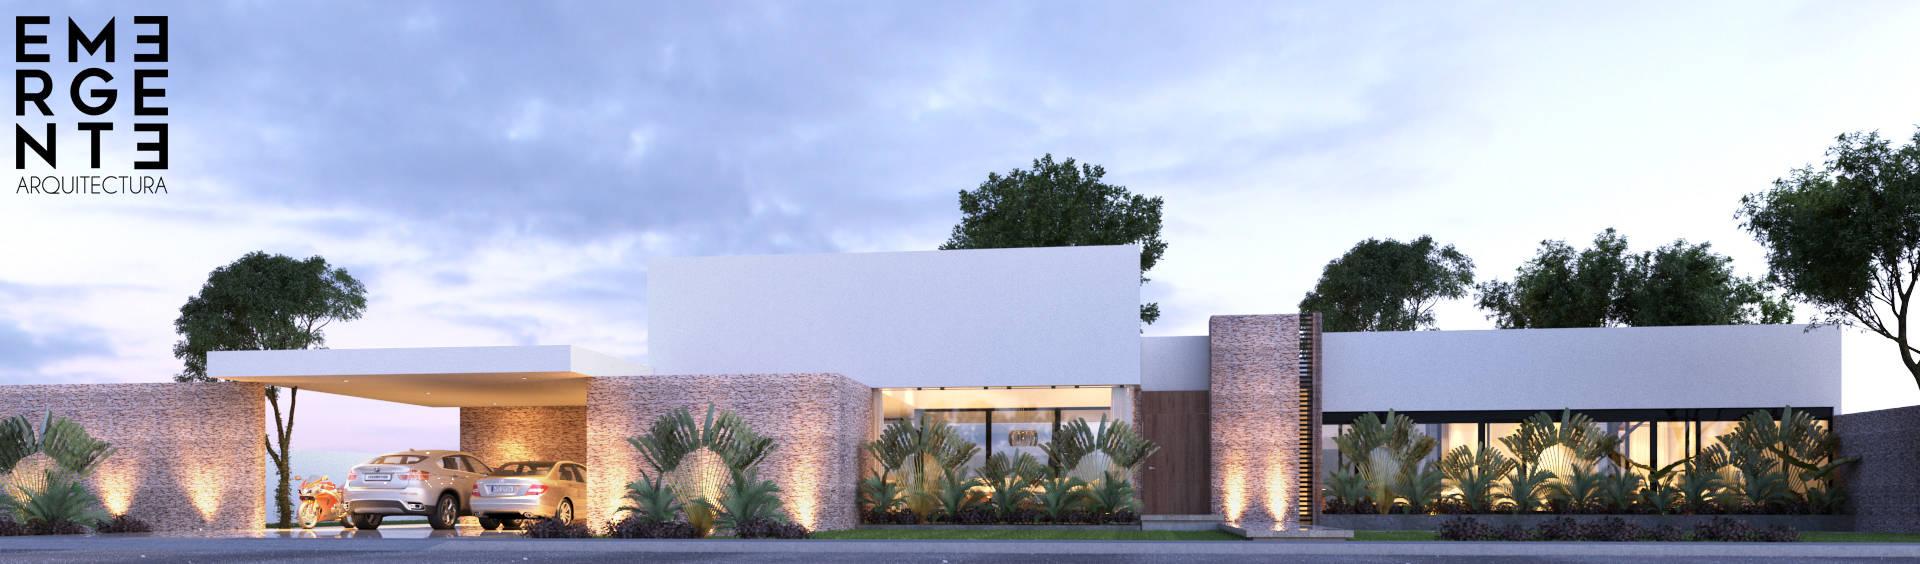 EMERGENTE | Arquitectura